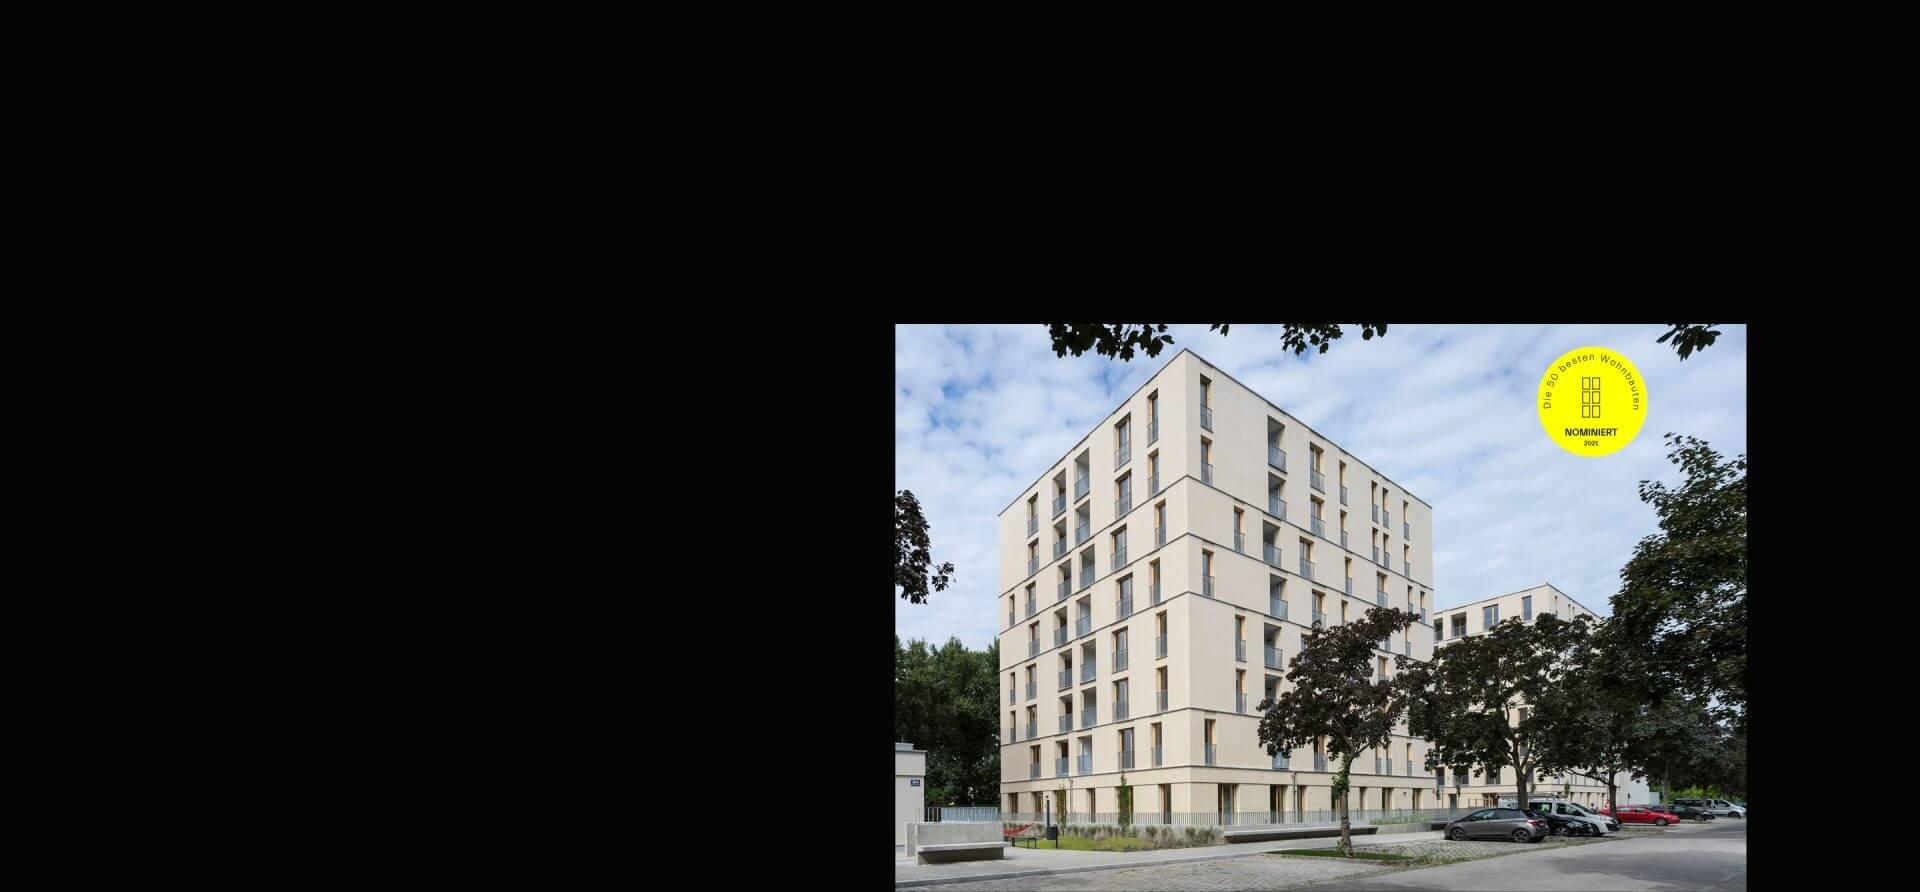 Wohnbauten des Jahres 2021